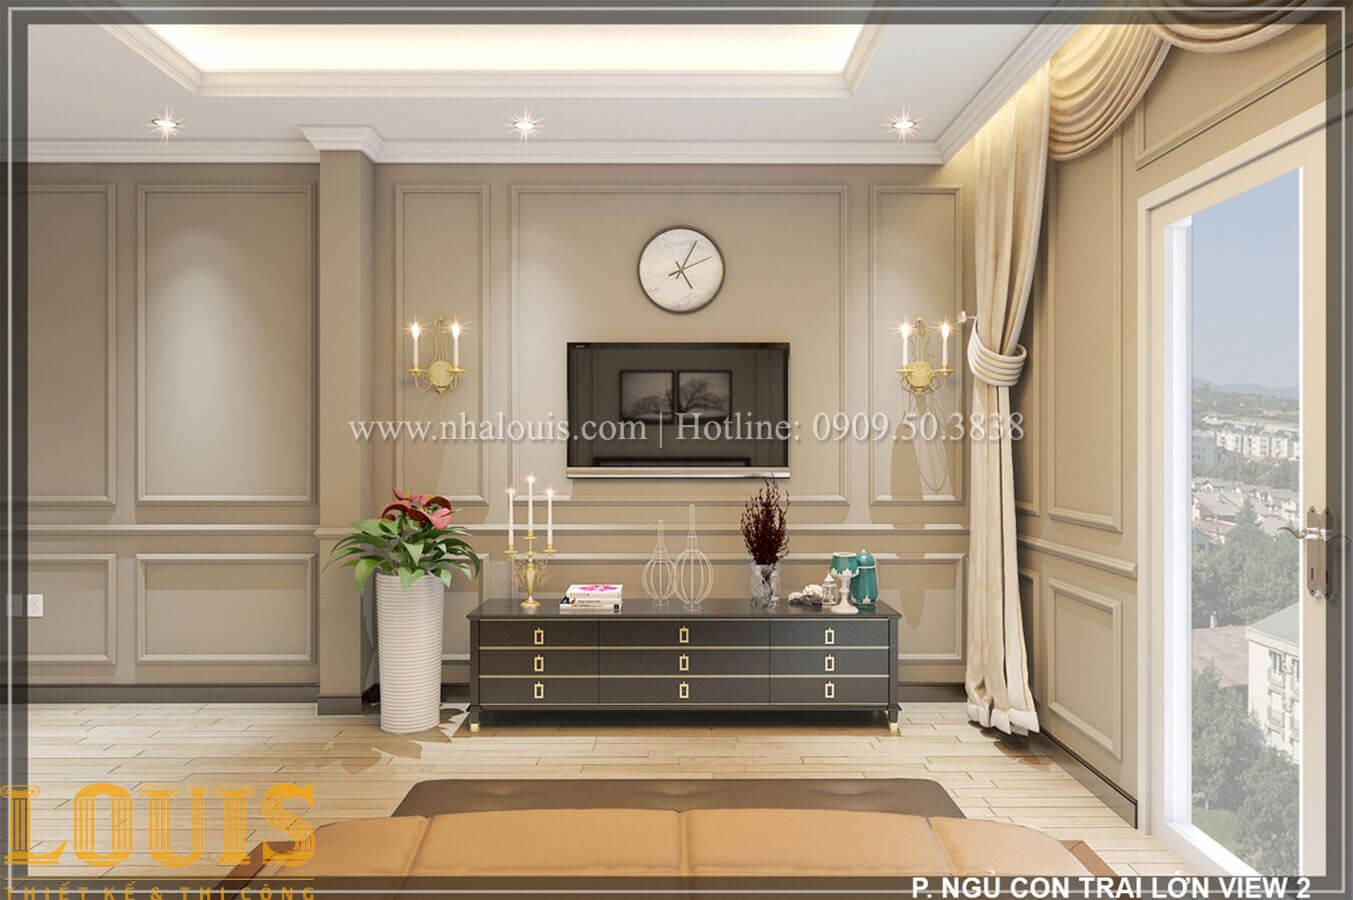 Phòng ngủ Thiết kế tiệm vàng 5 tầng tân cổ điển đẹp không tì vết tại Nhà Bè - 25